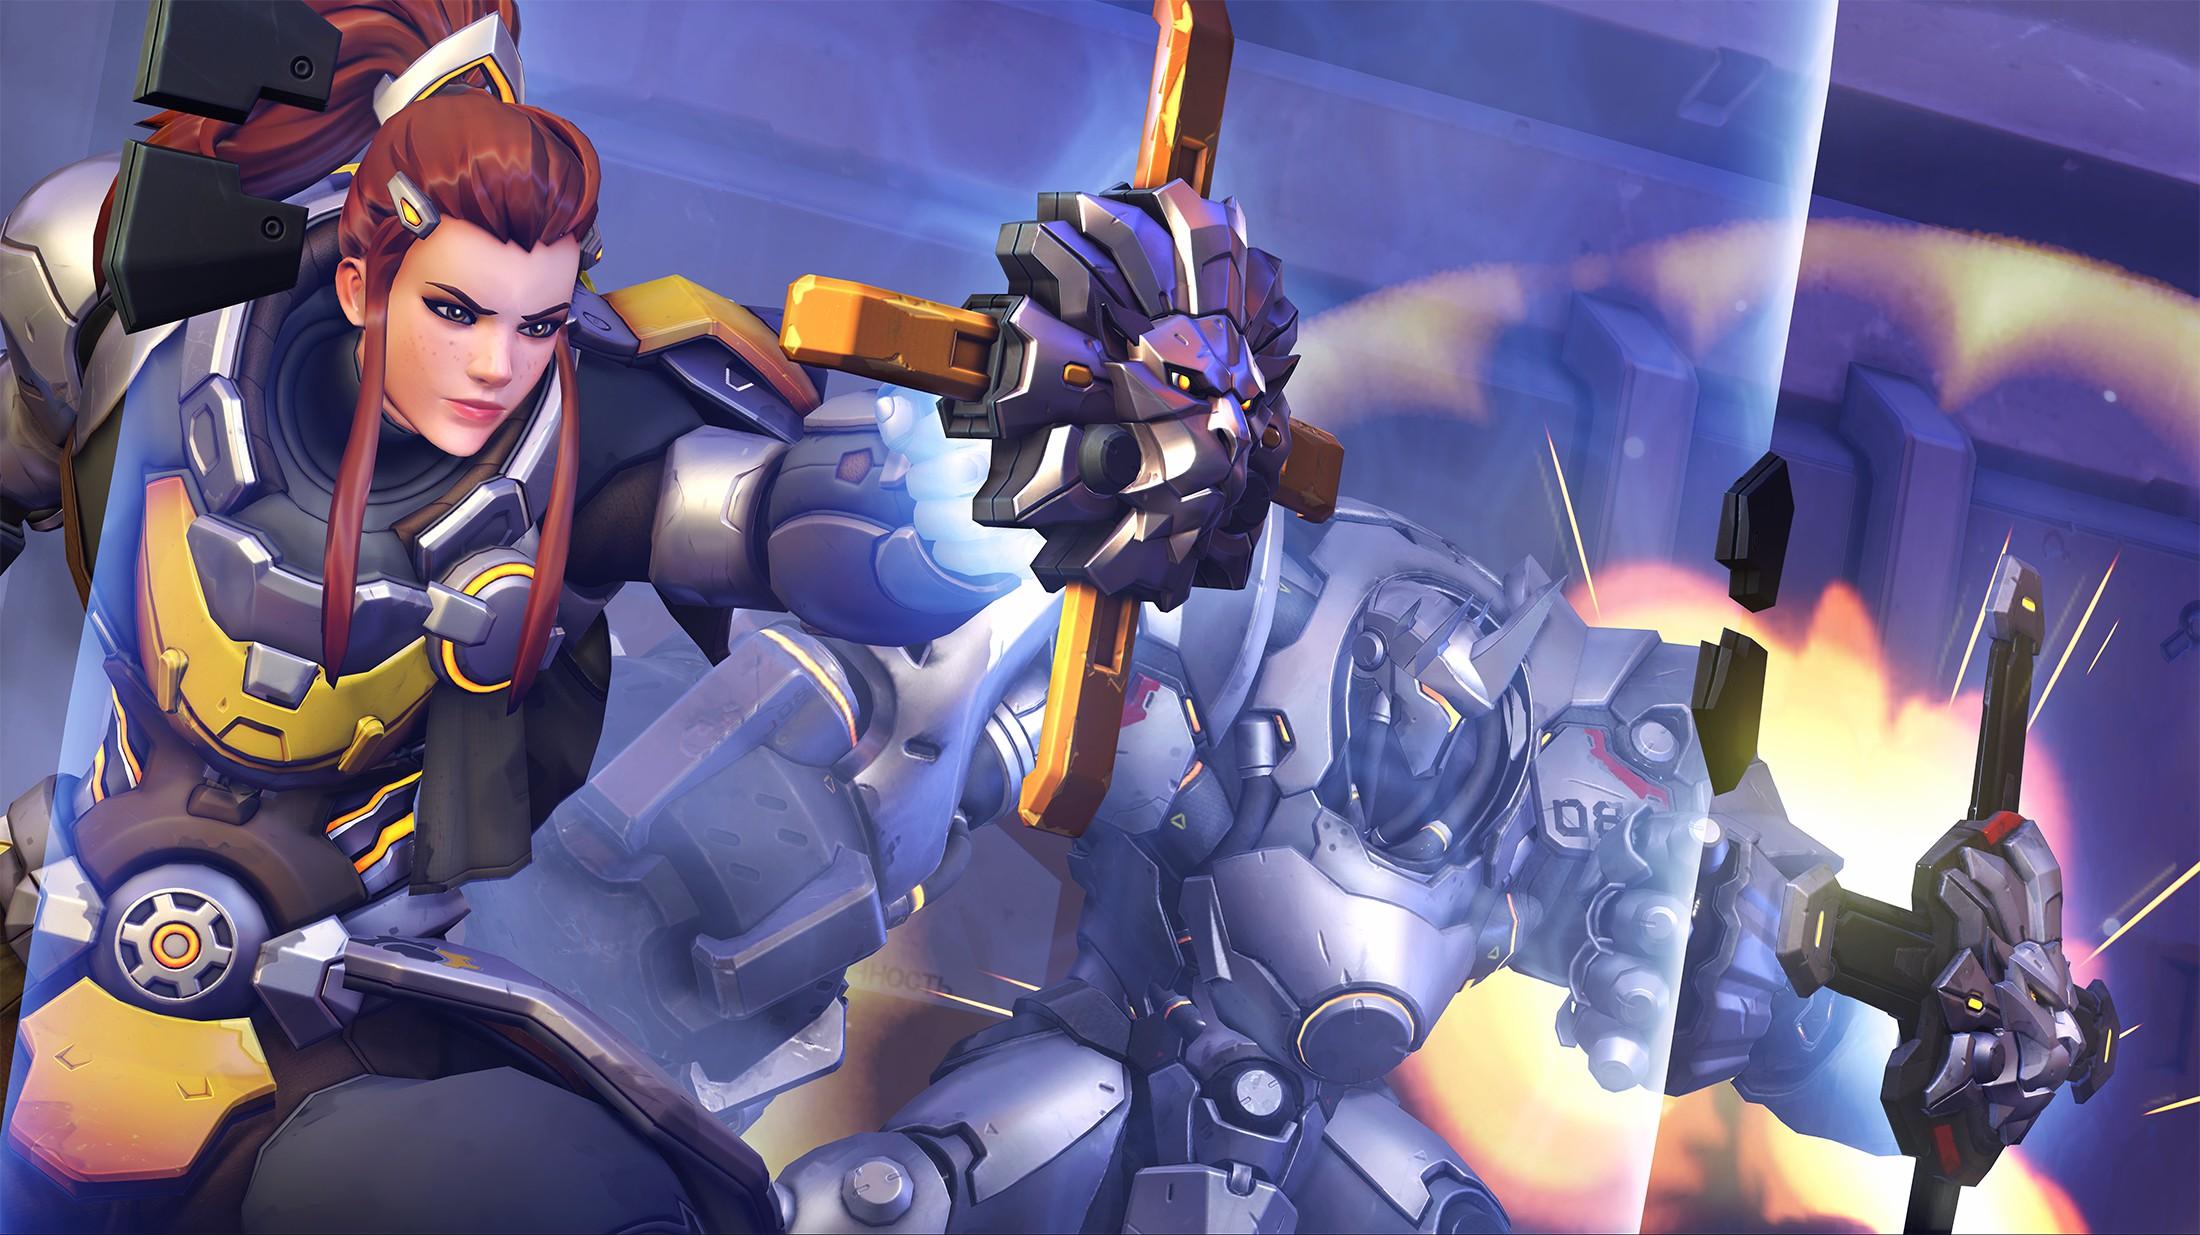 源氏狂喜 布里吉塔盾击技能将《守望先锋2》中被移除插图1